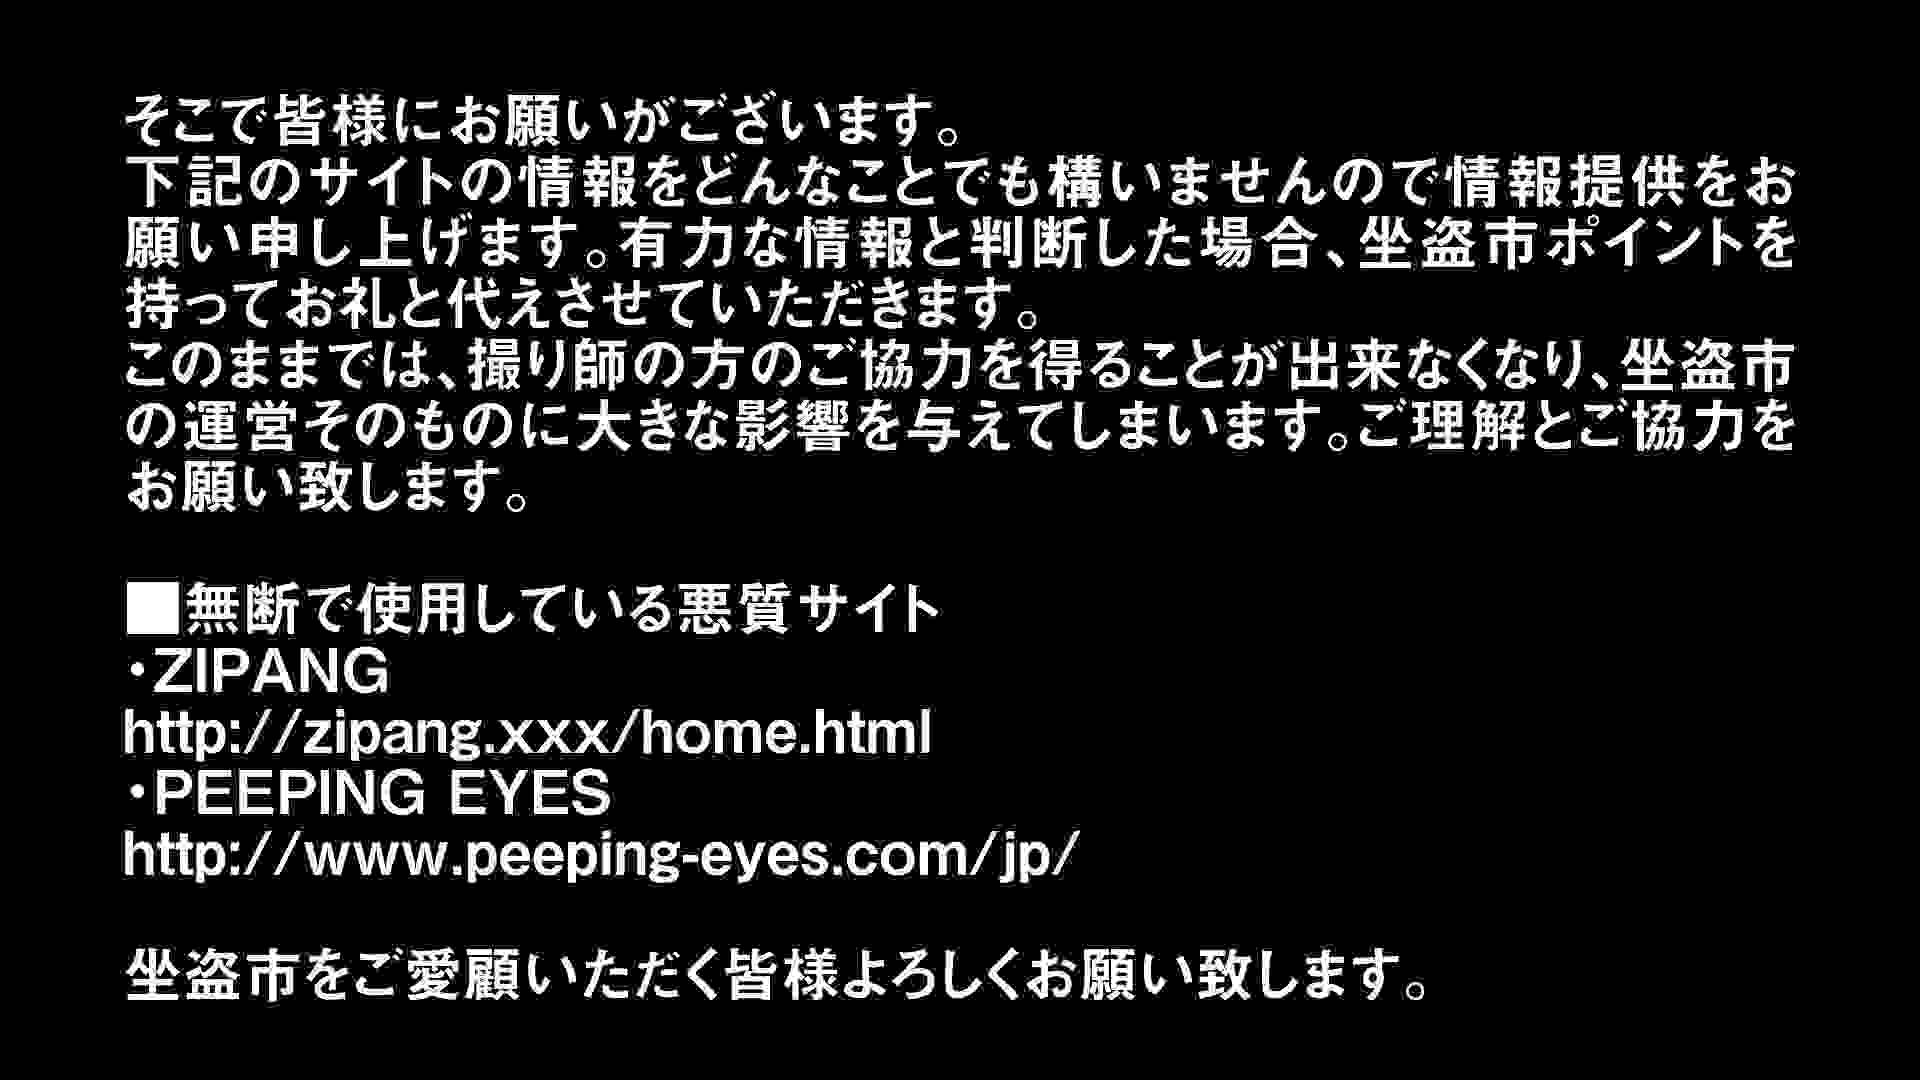 Aquaな露天風呂Vol.298 女体盗撮  60連発 18